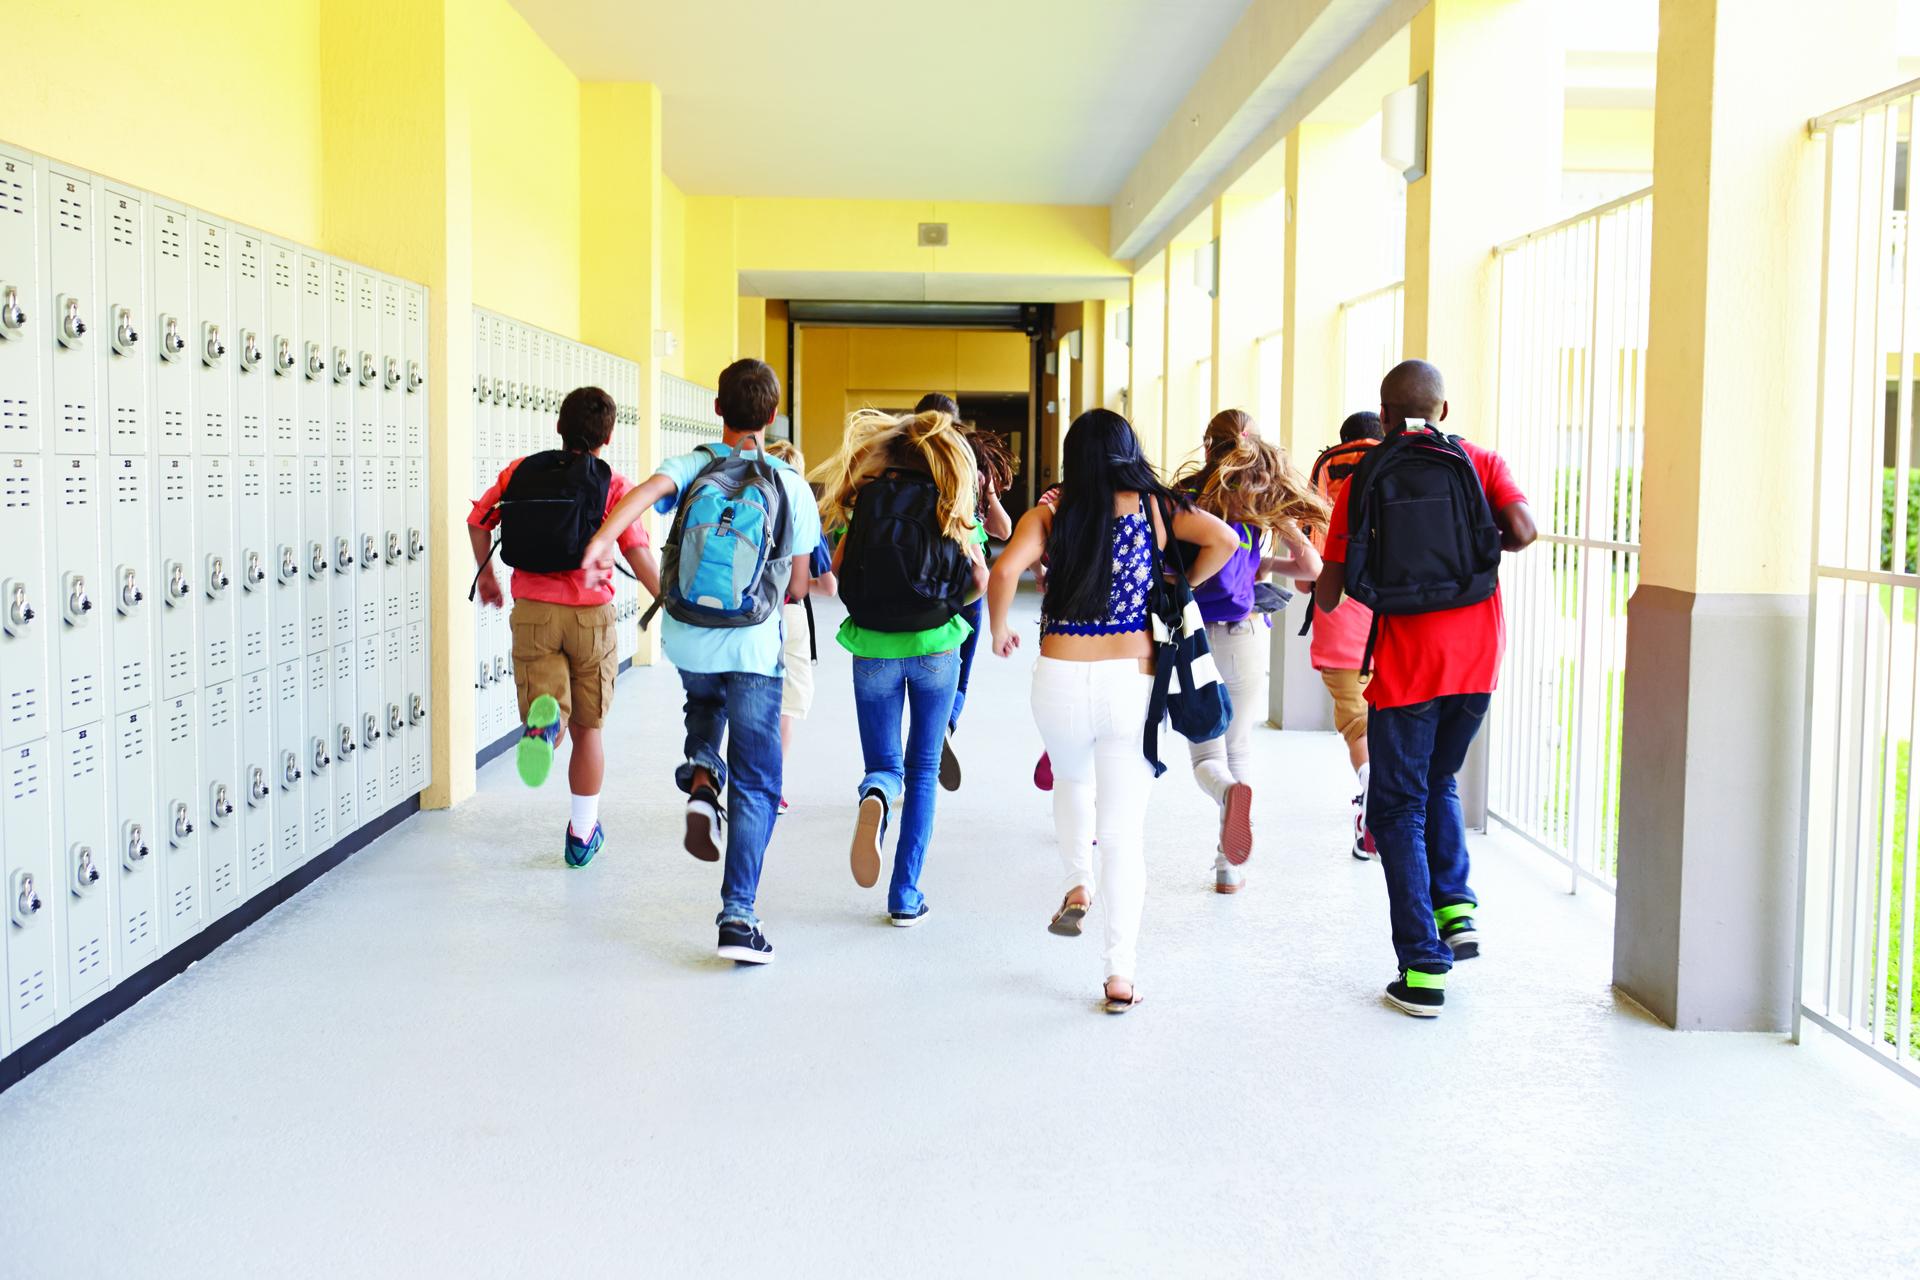 תלמידים ותלמידות בית ספר (צילום אילוסטרציה: א.ס.א.פ קריאייטיב INGIMAGE)